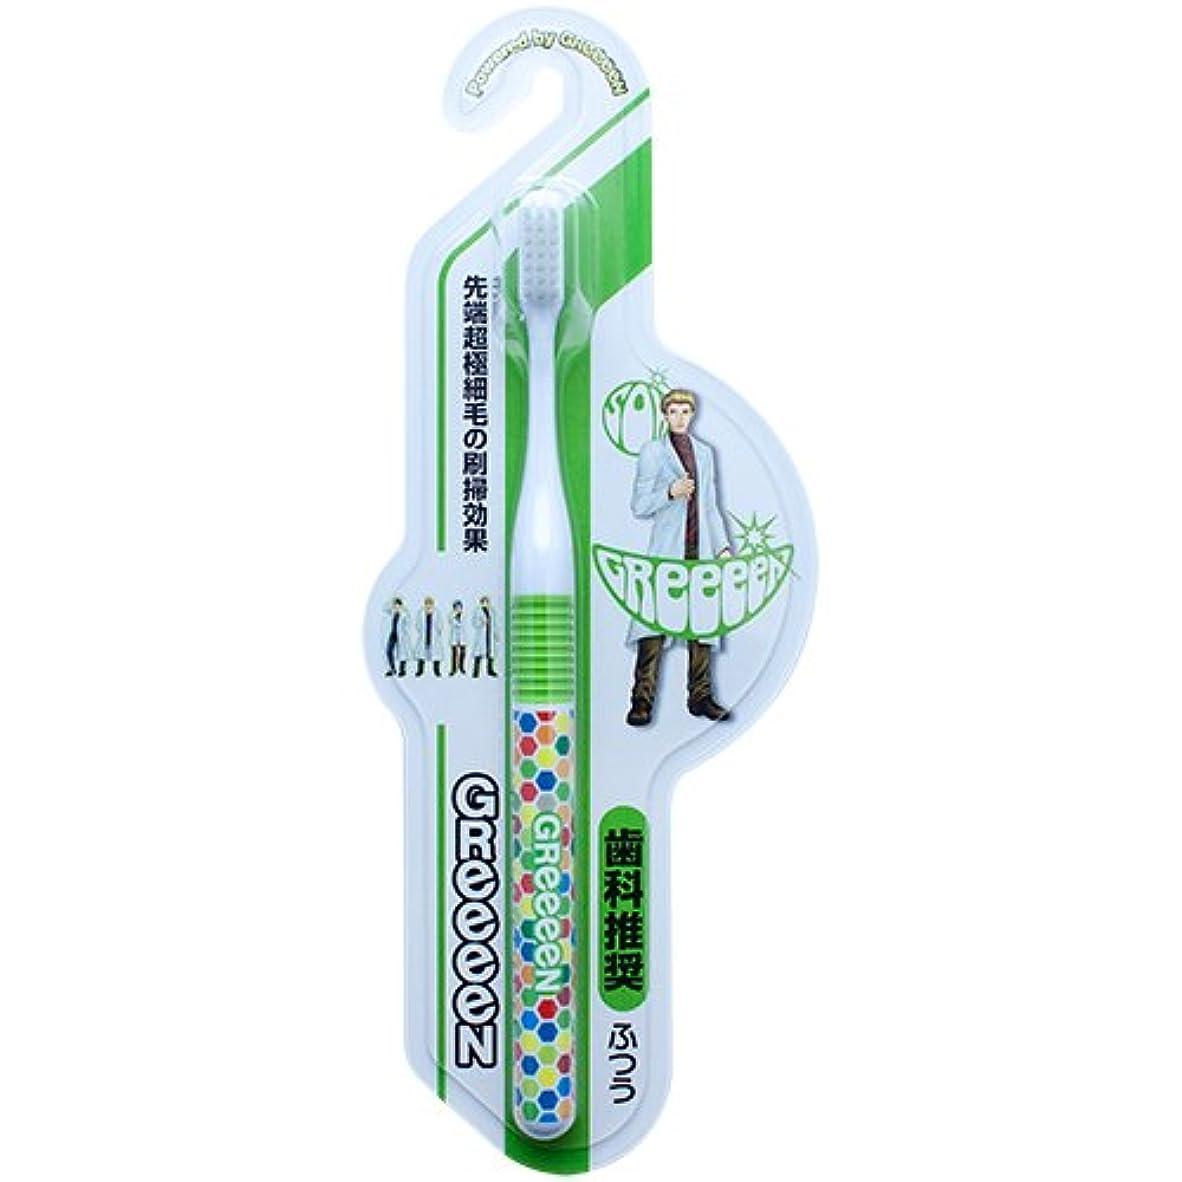 磁器現代の安西GReeeeN 3列ヘッドラバーグリップ超極細毛歯ブラシ SIRO SOH 1本